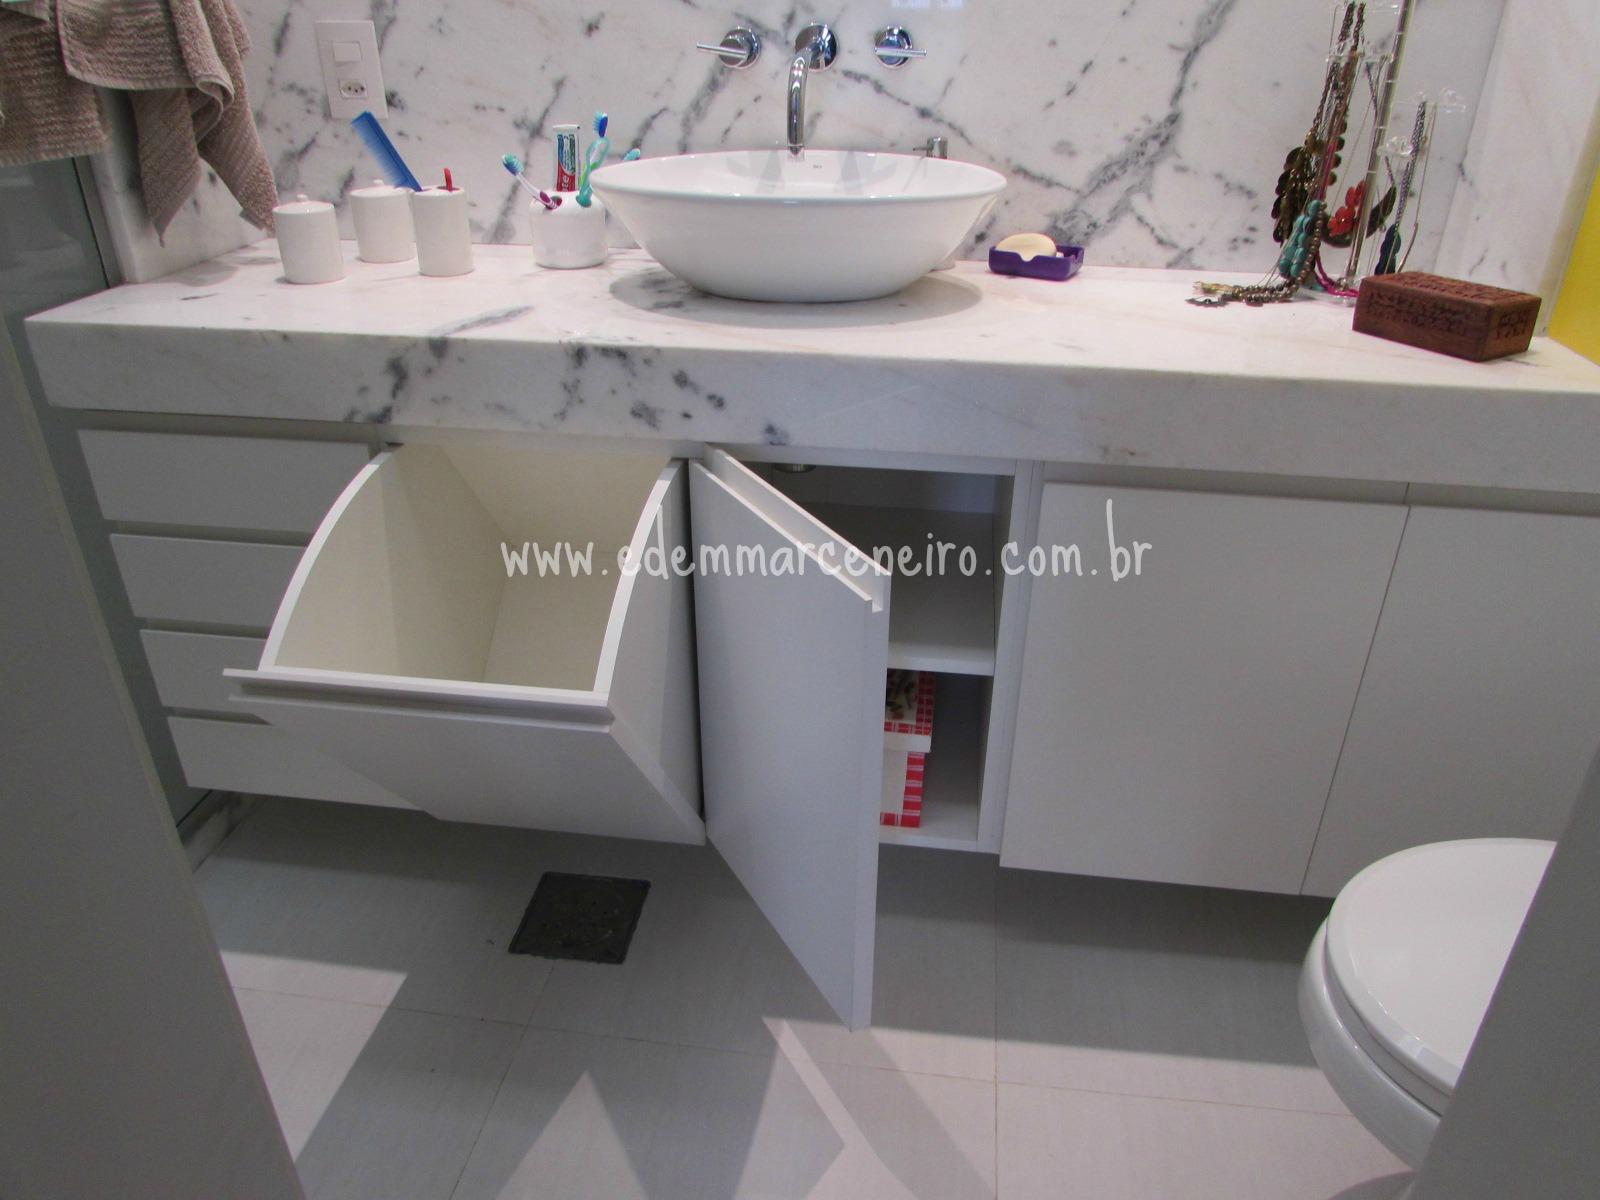 Móvel de Banheiro e uma solução inteligente  Edem Marceneiro -> Armario De Banheiro Feito Por Marceneiro